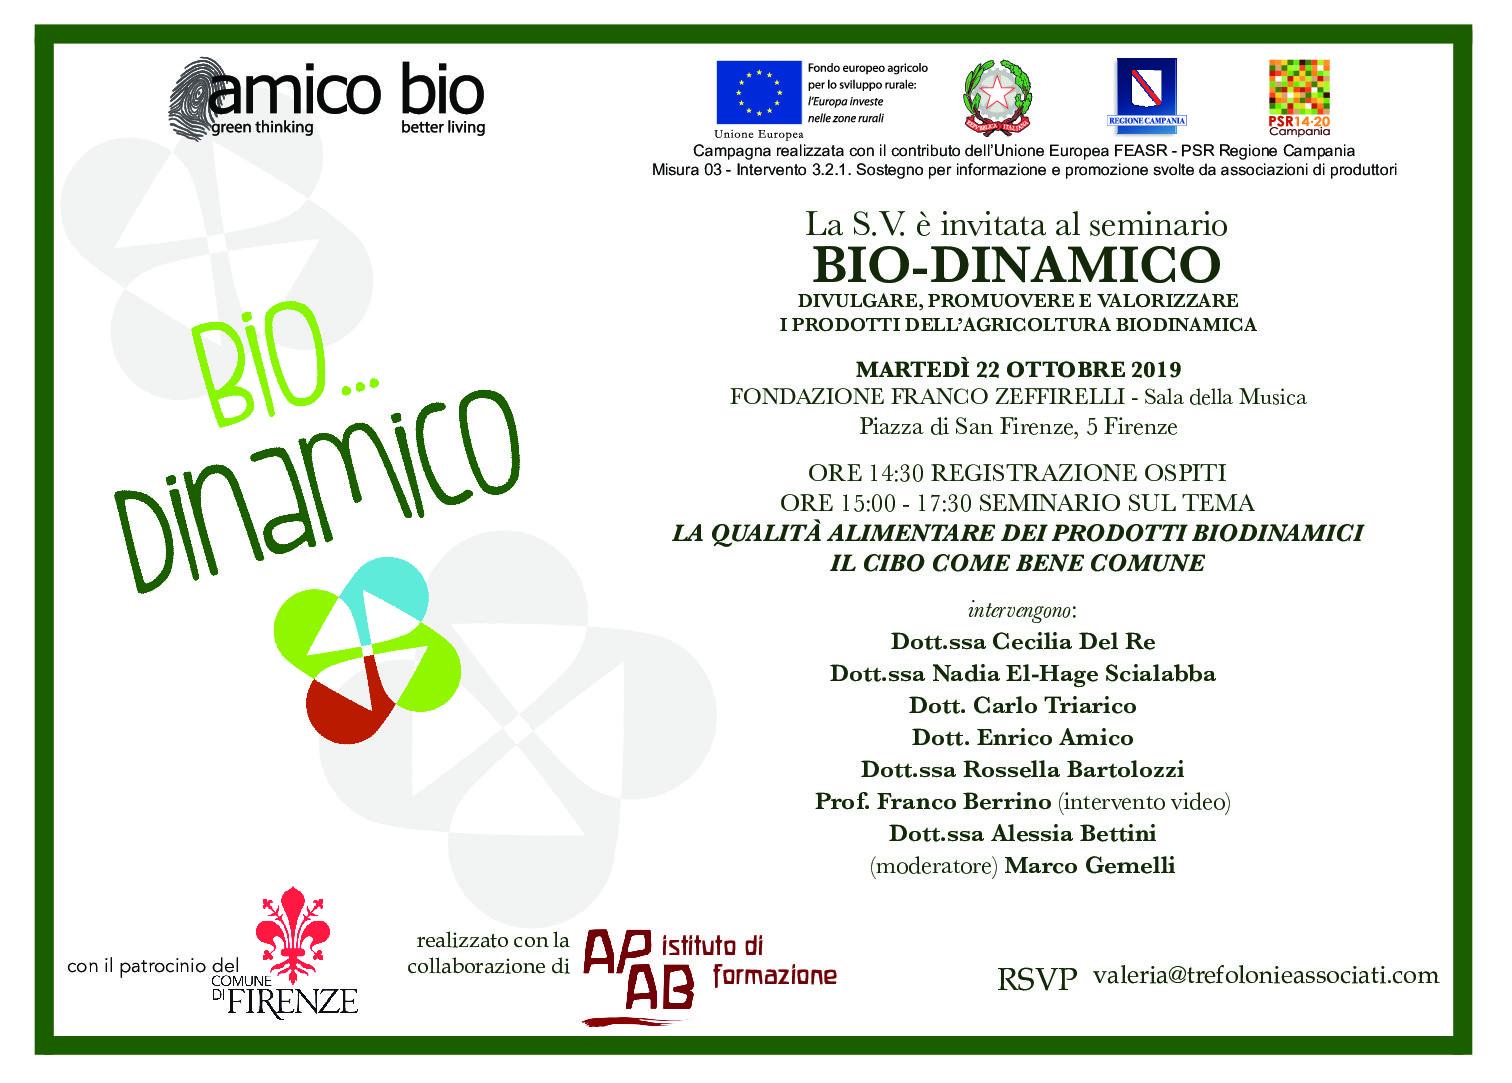 La qualità alimentare dei prodotti biodinamici